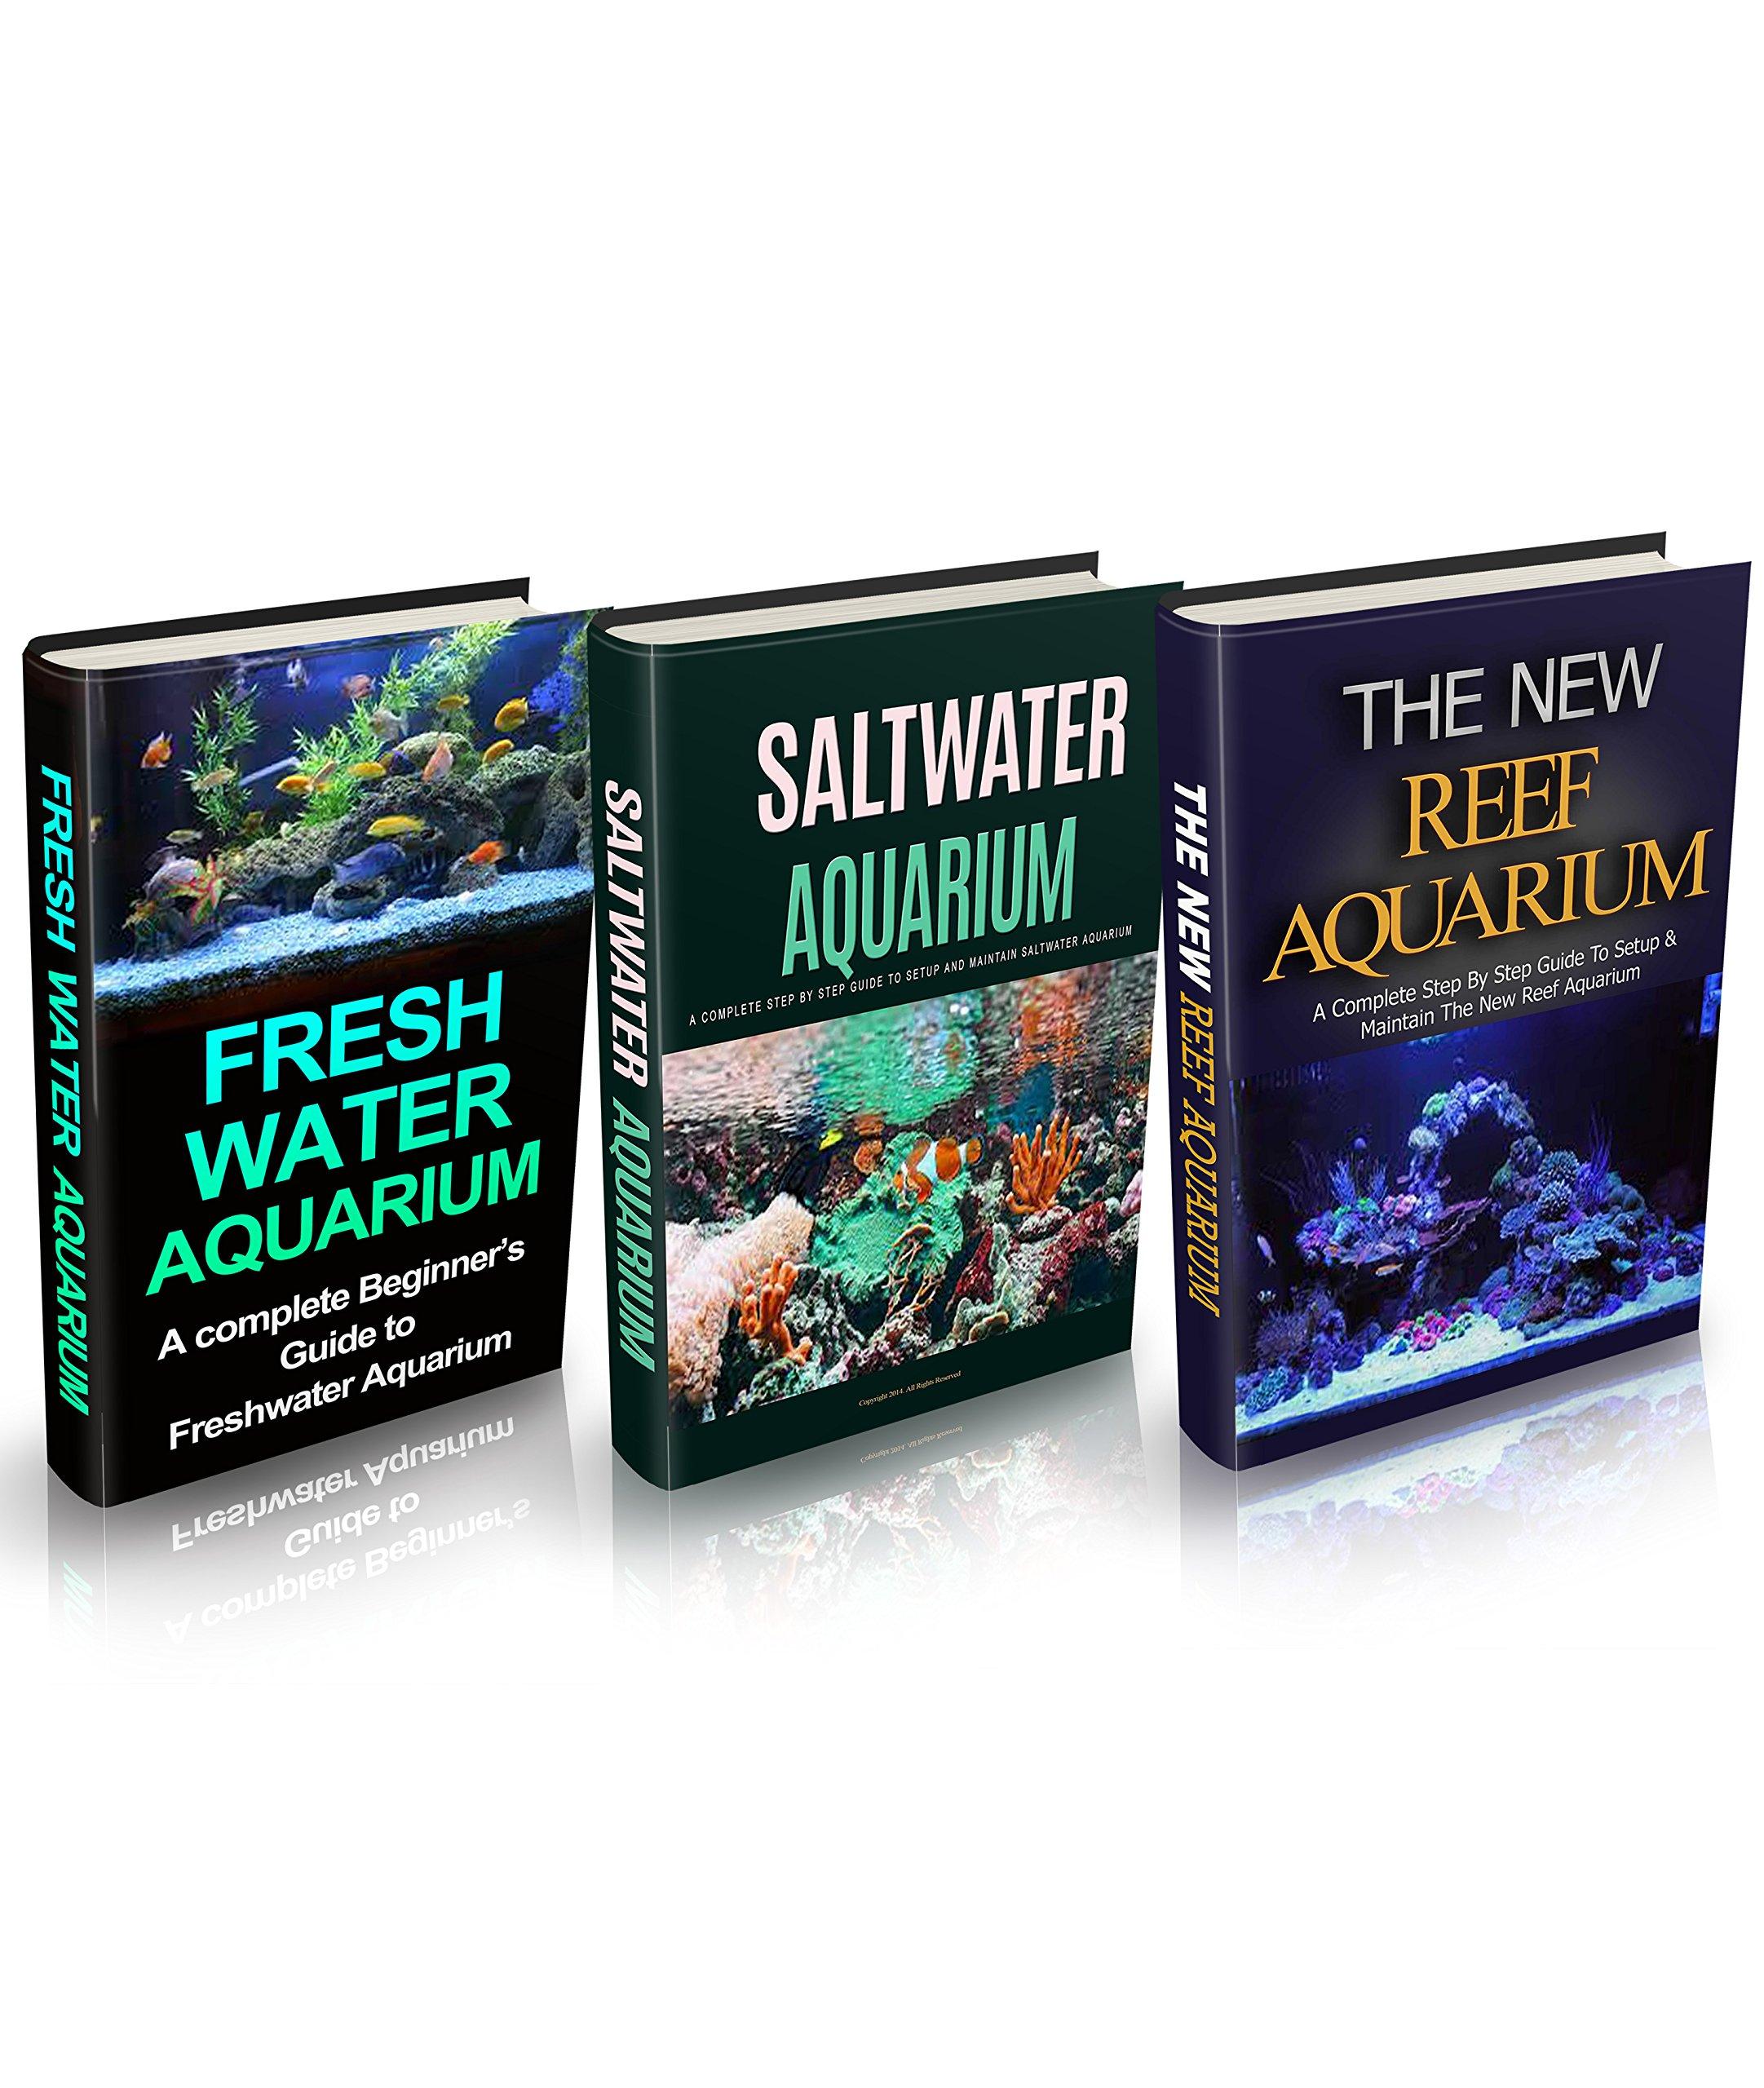 Aquariums  Aquariums Box Set  3 In 1   Freshwater Aquarium + Saltwater Aquarium + Reef Aquarium Setup And Maintenance Guide  A Complete Aquarium Guide For ... Saltwater Aquarium   English Edition